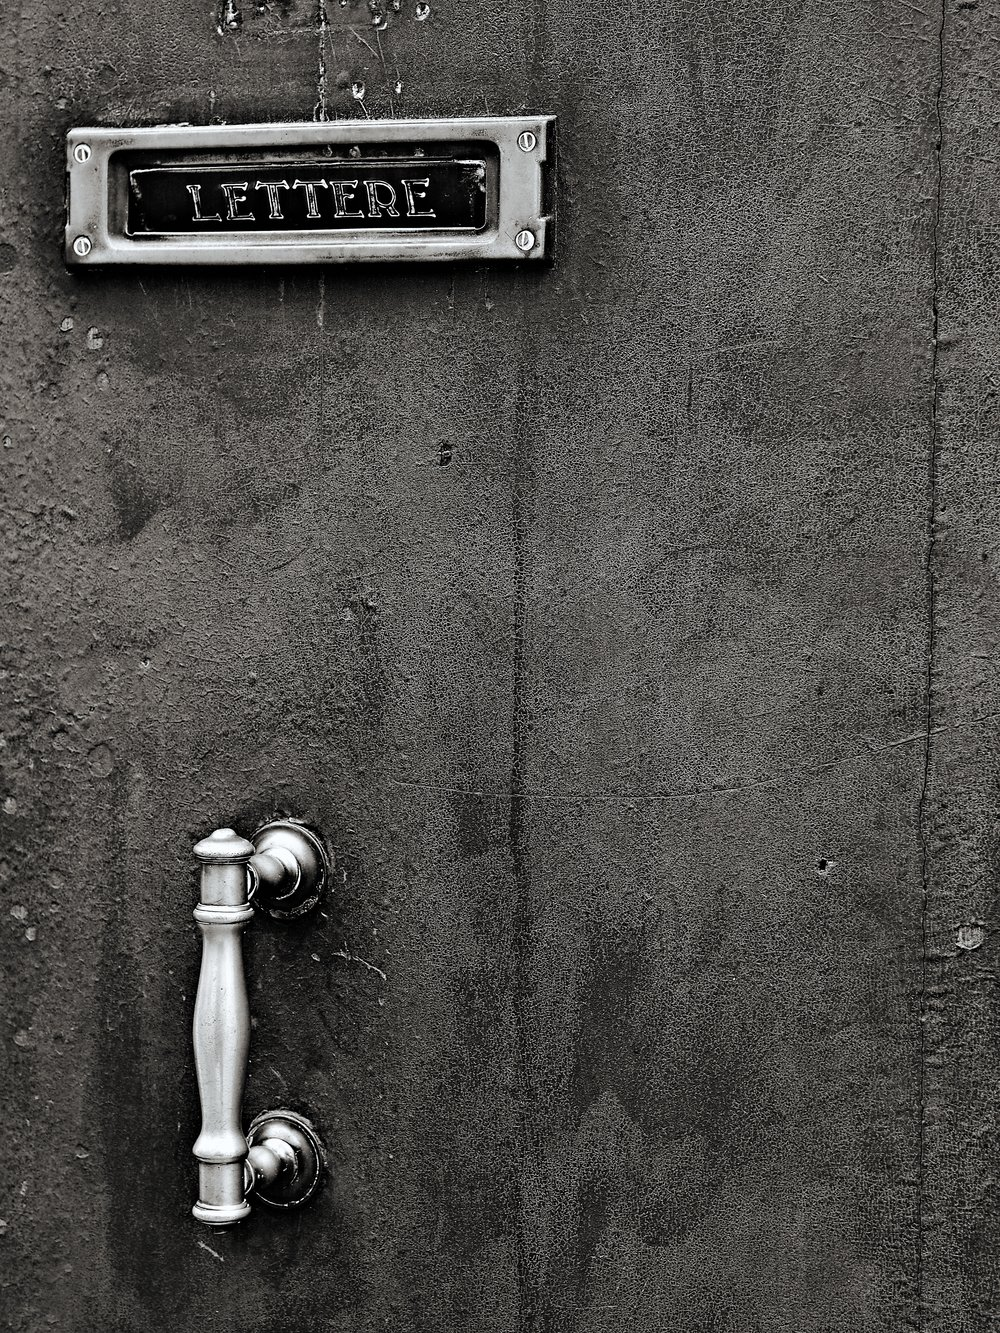 Lettere, Venice